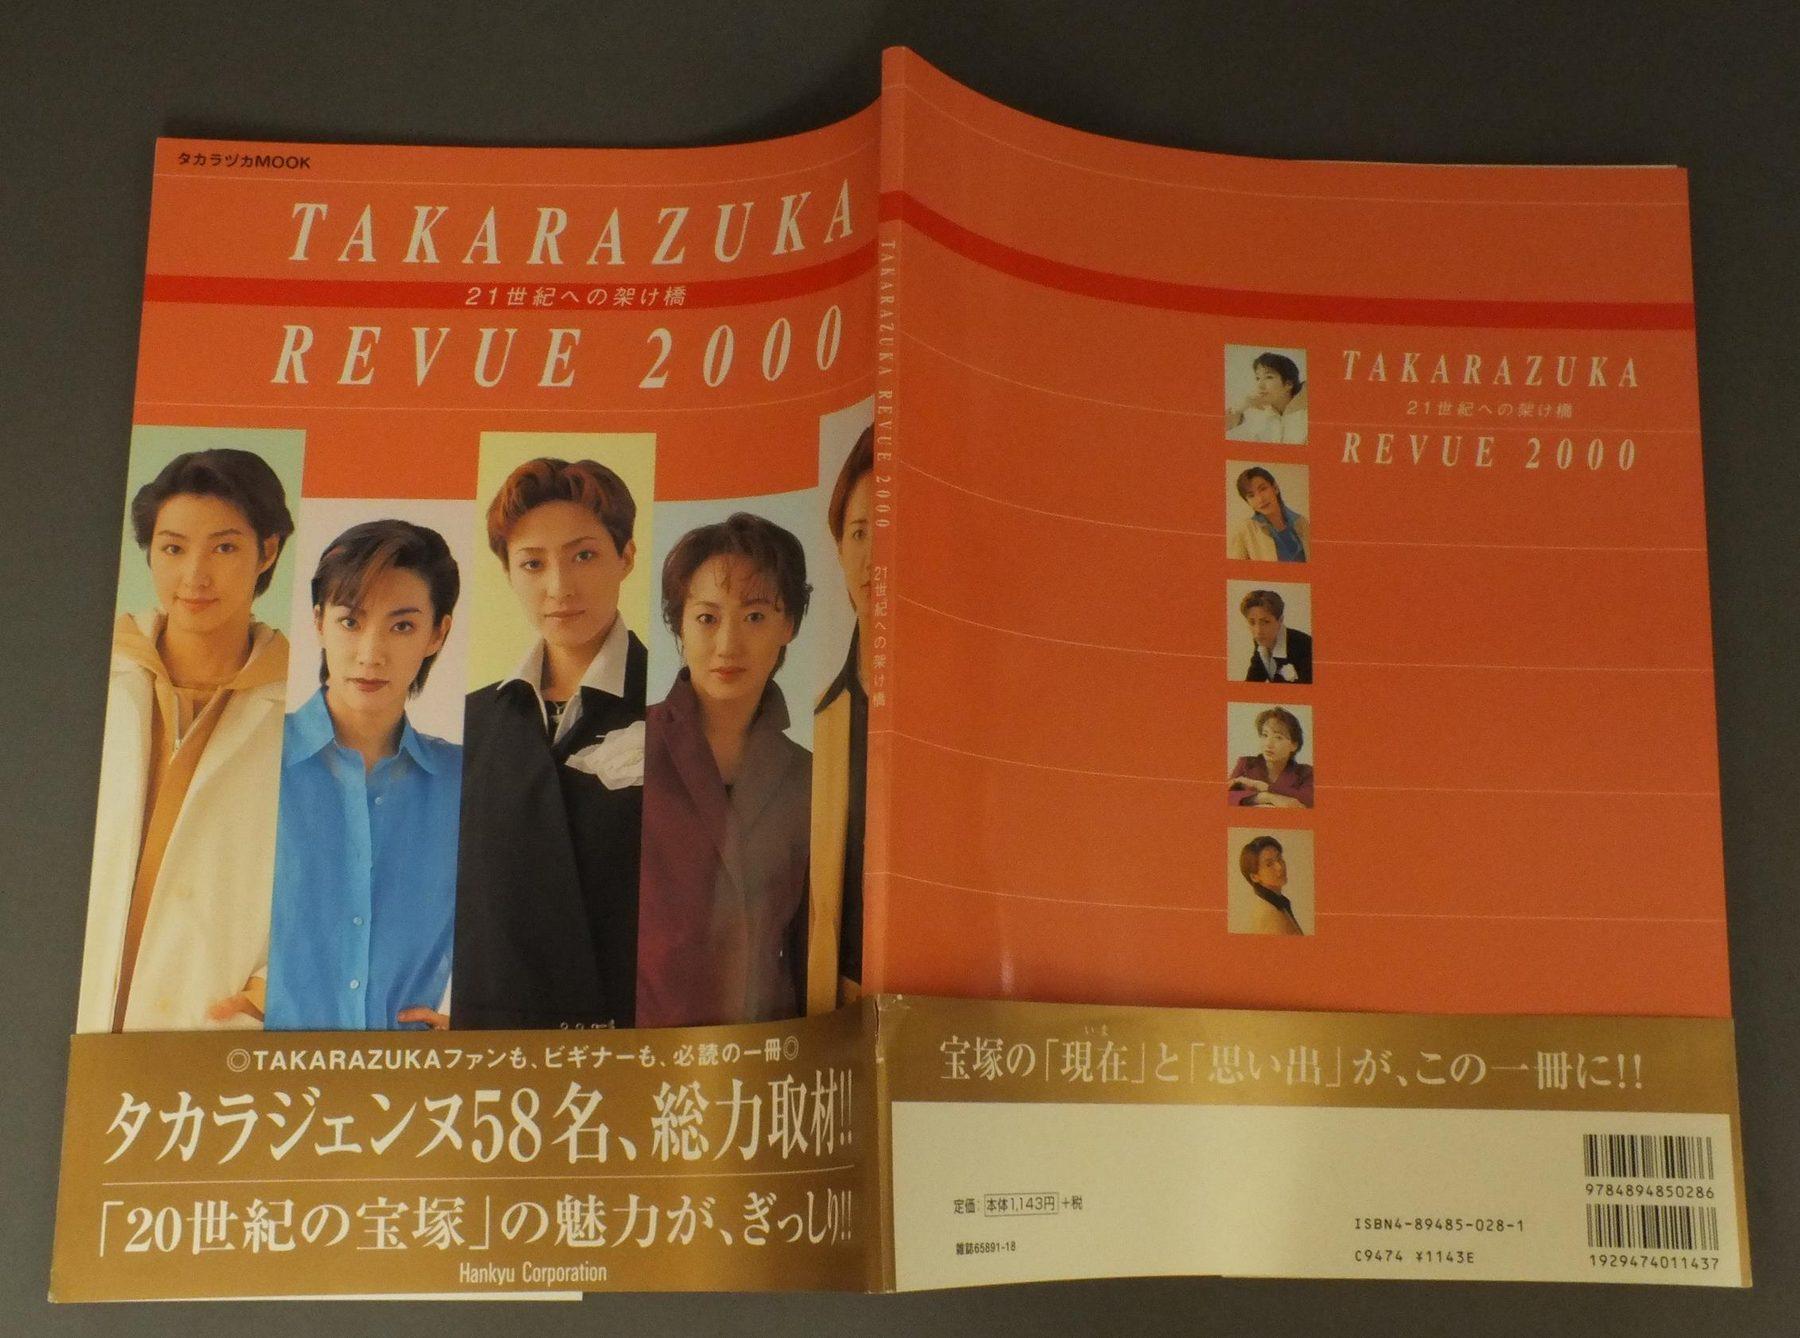 TAKARAZUKA REVUE 2000 - TAKARAZUKA REVUE 2000 - Magazine